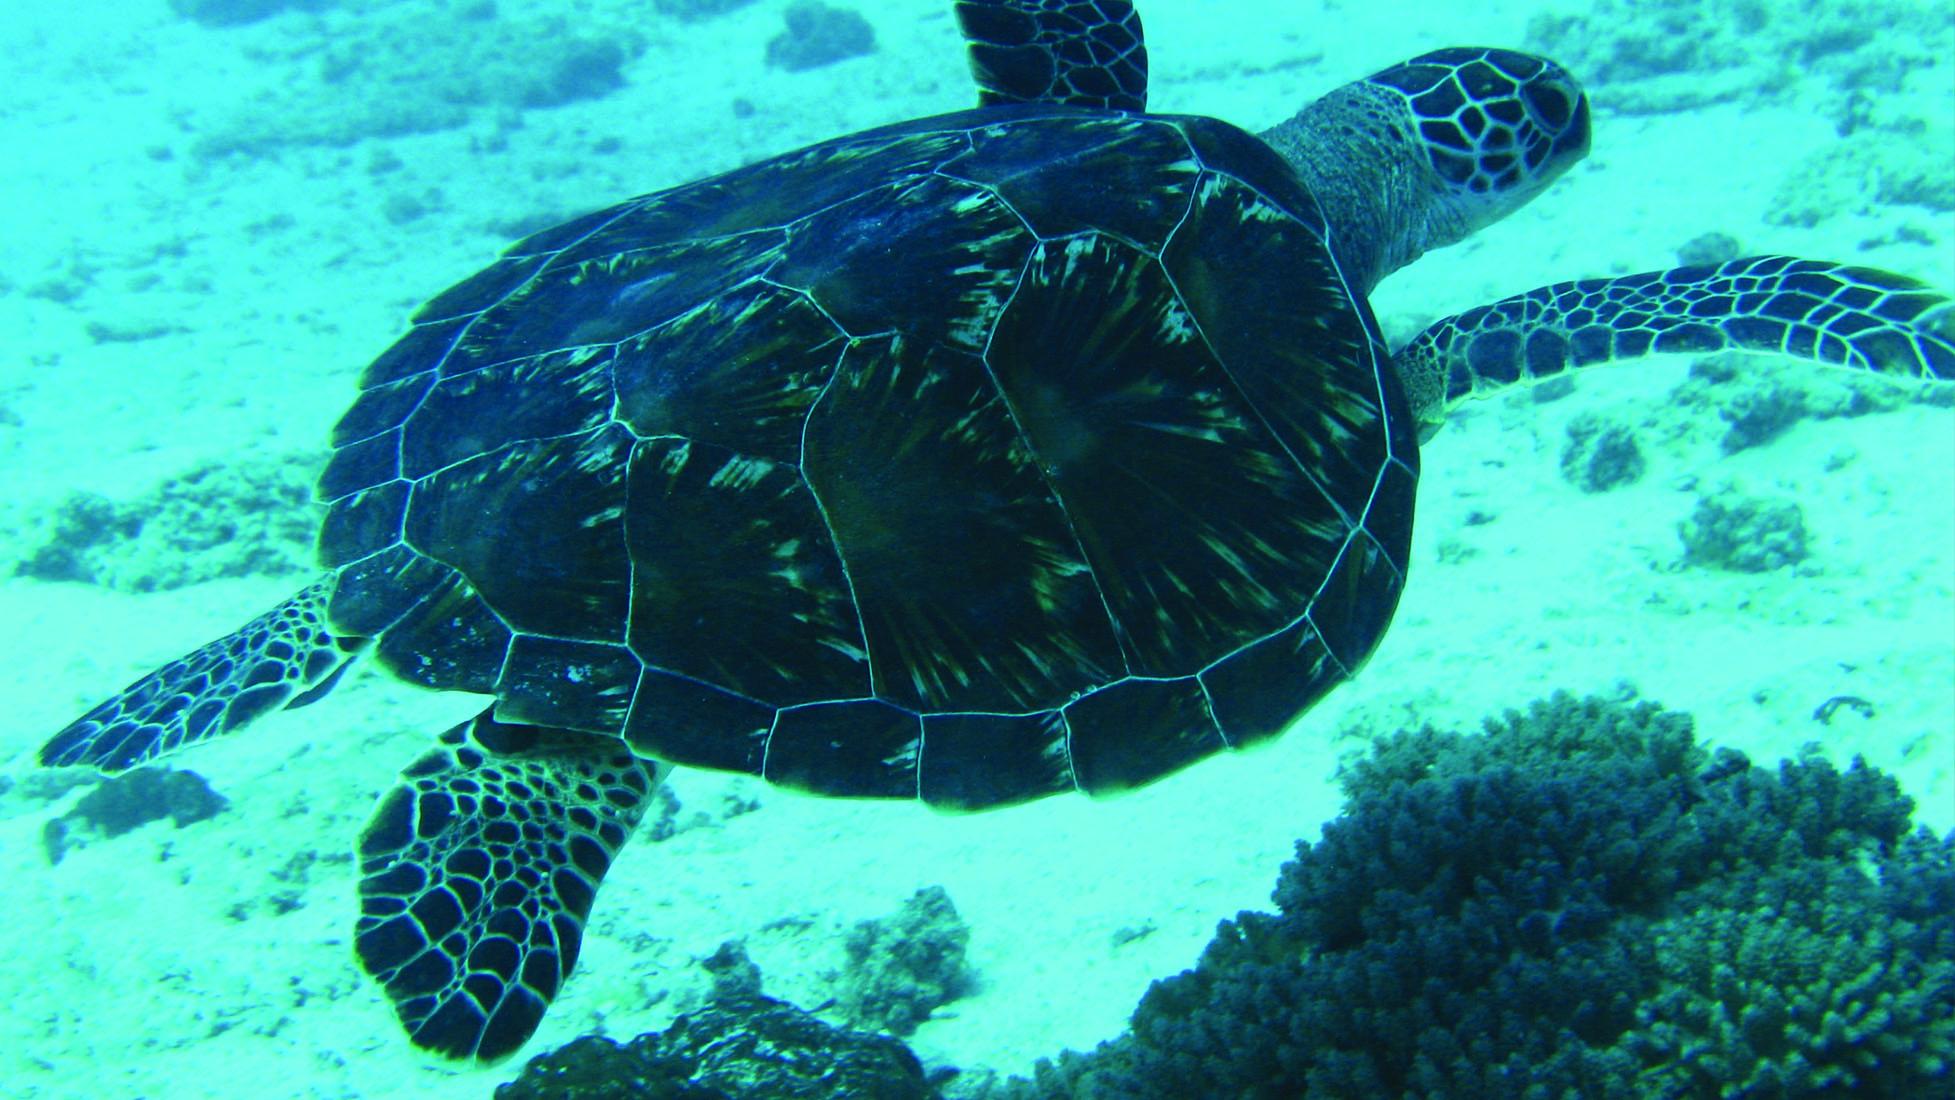 ZanzibarViaggi - Diving